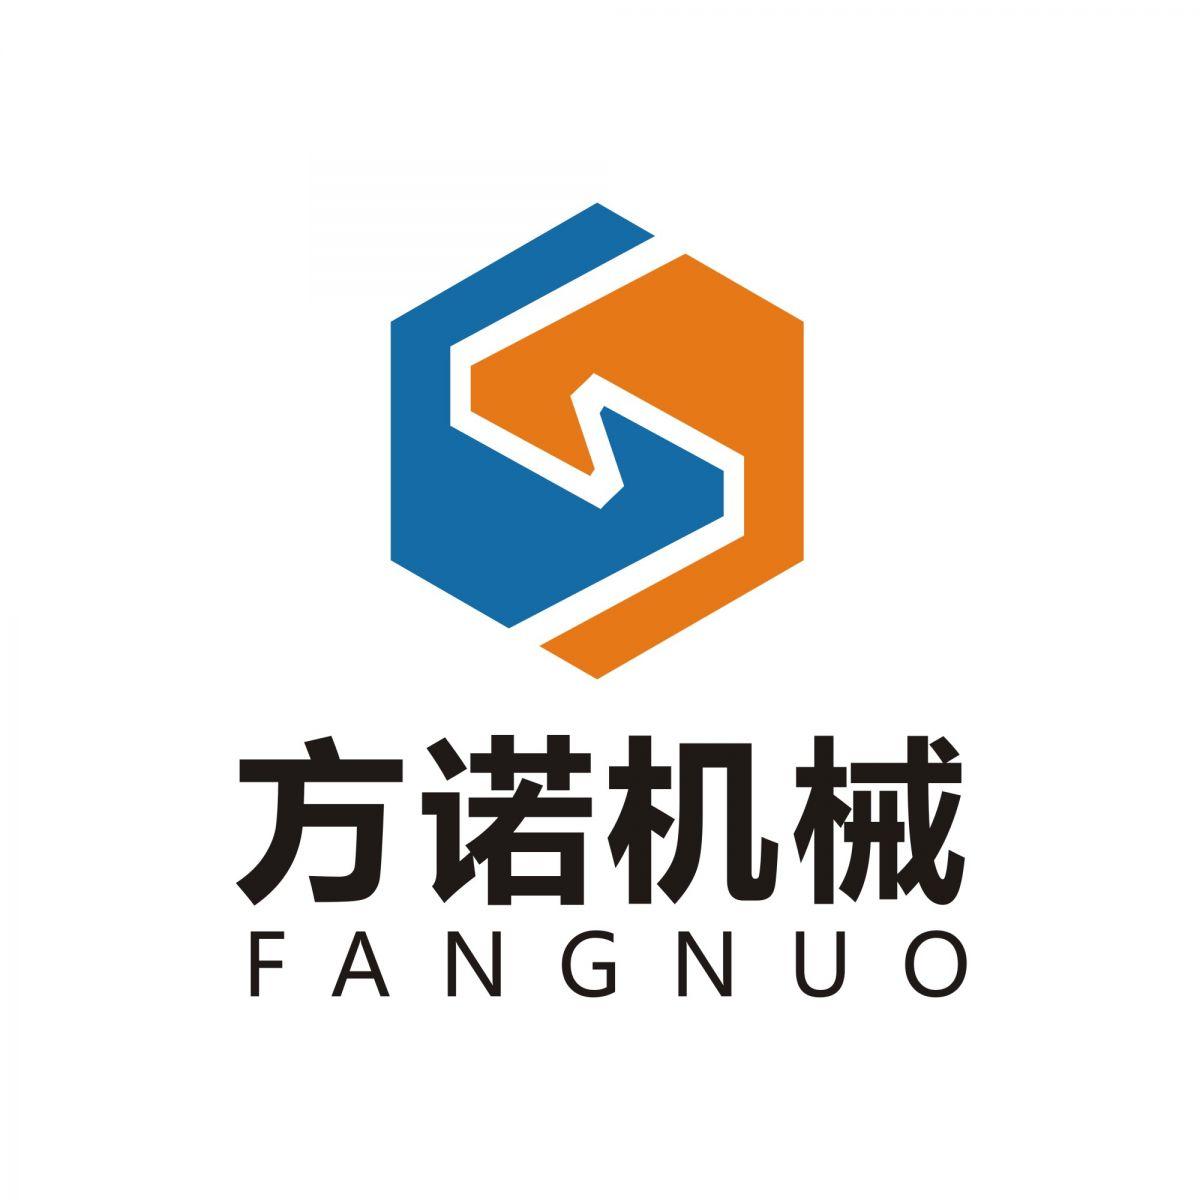 郑州方诺机械有限公司